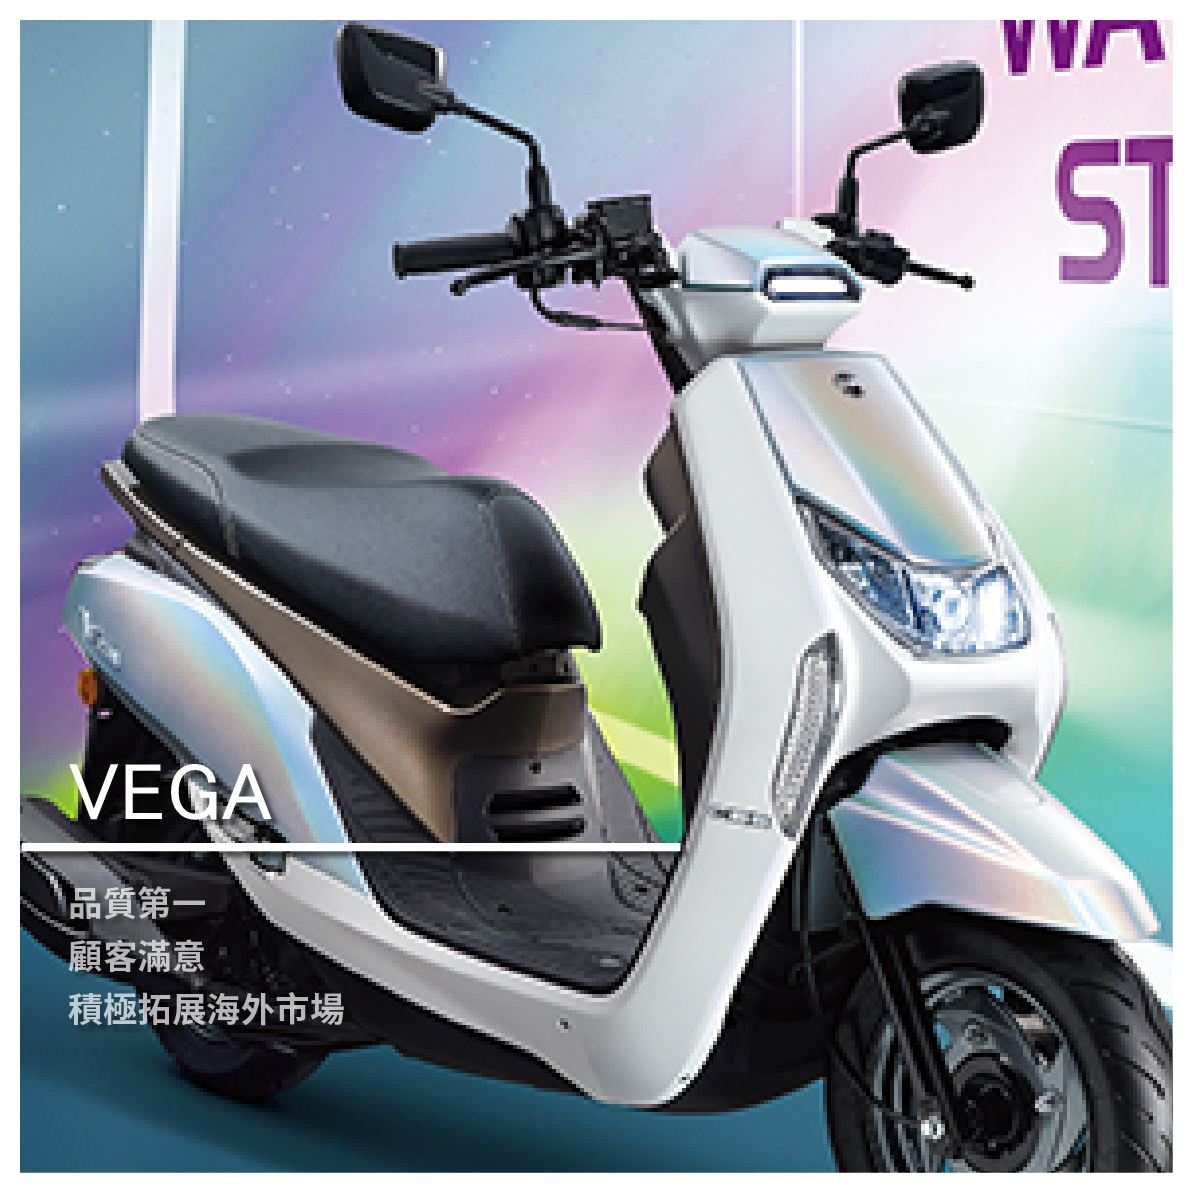 【鋐安車業】SYM 三陽系列 VEGA